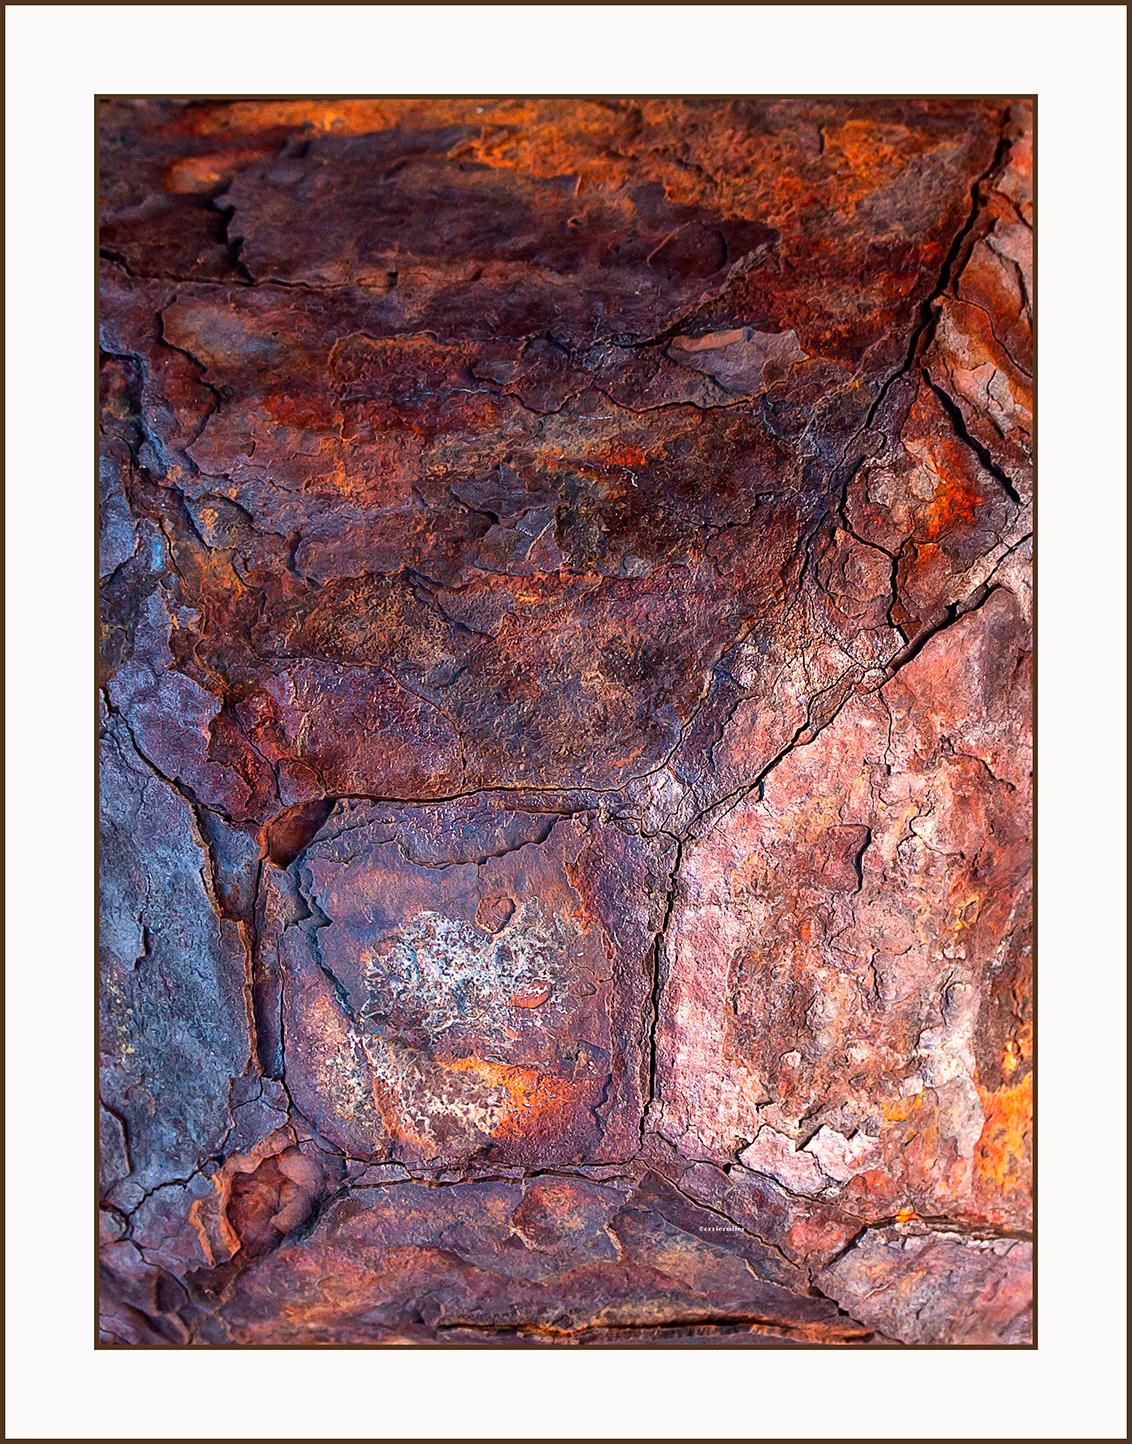 roest - - - foto door corvangriet op 22-11-2019 - deze foto bevat: oud, kleur, roest, abstract, stilleven, haven, uitsnede, vergankelijkheid, beeldvullend, oxideren